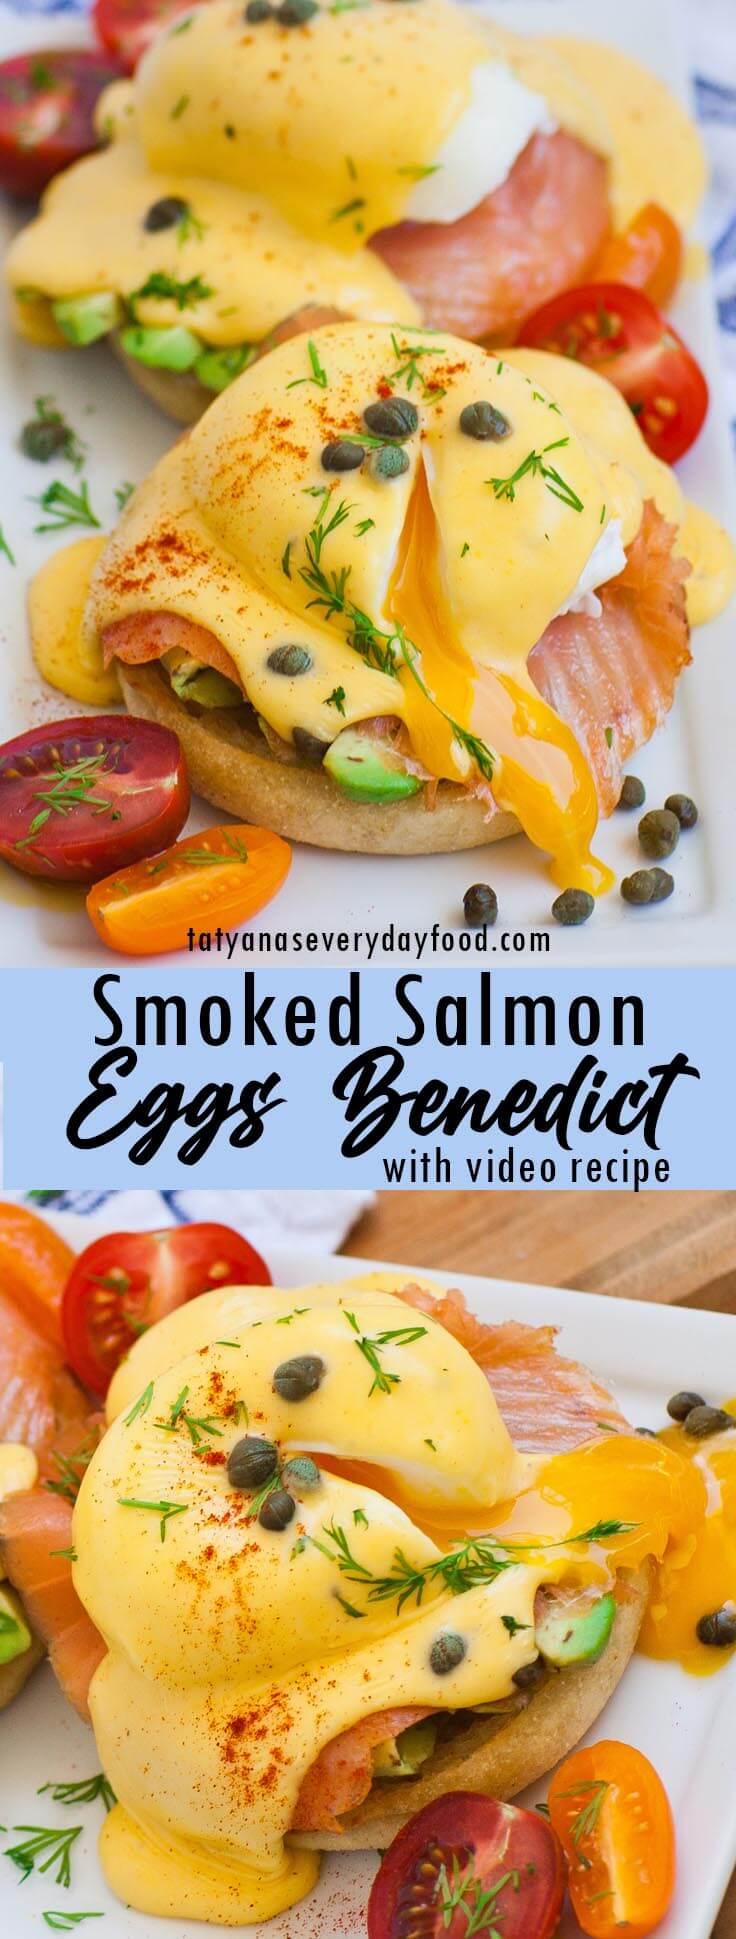 Smoked Salmon Eggs Benedict video recipe